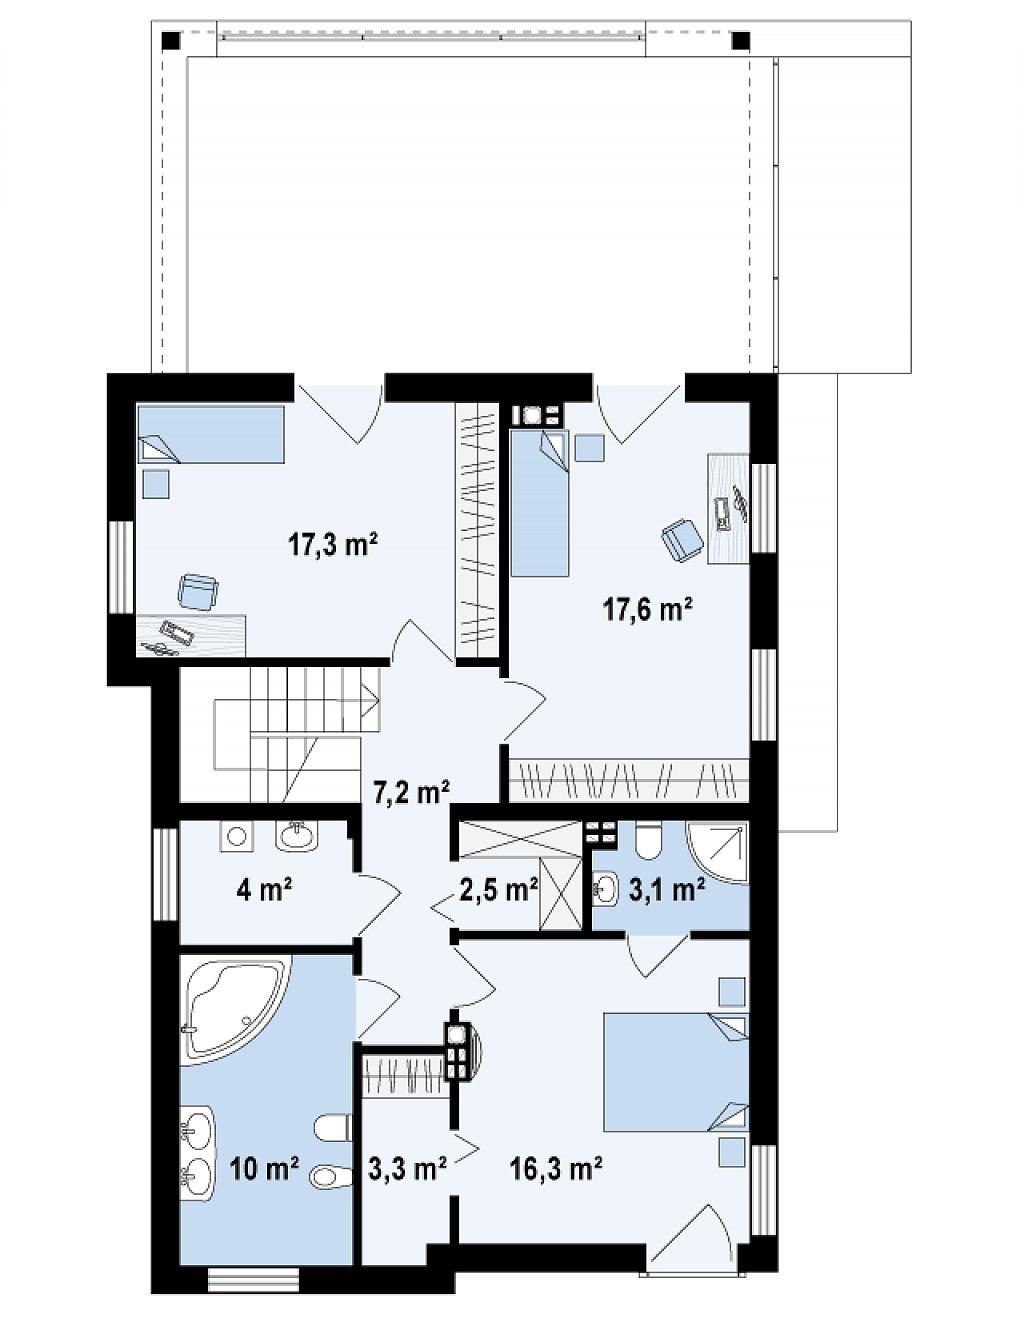 Дом характерного современного дизайна с гаражом и кабинетом на первом этаже. план помещений 2